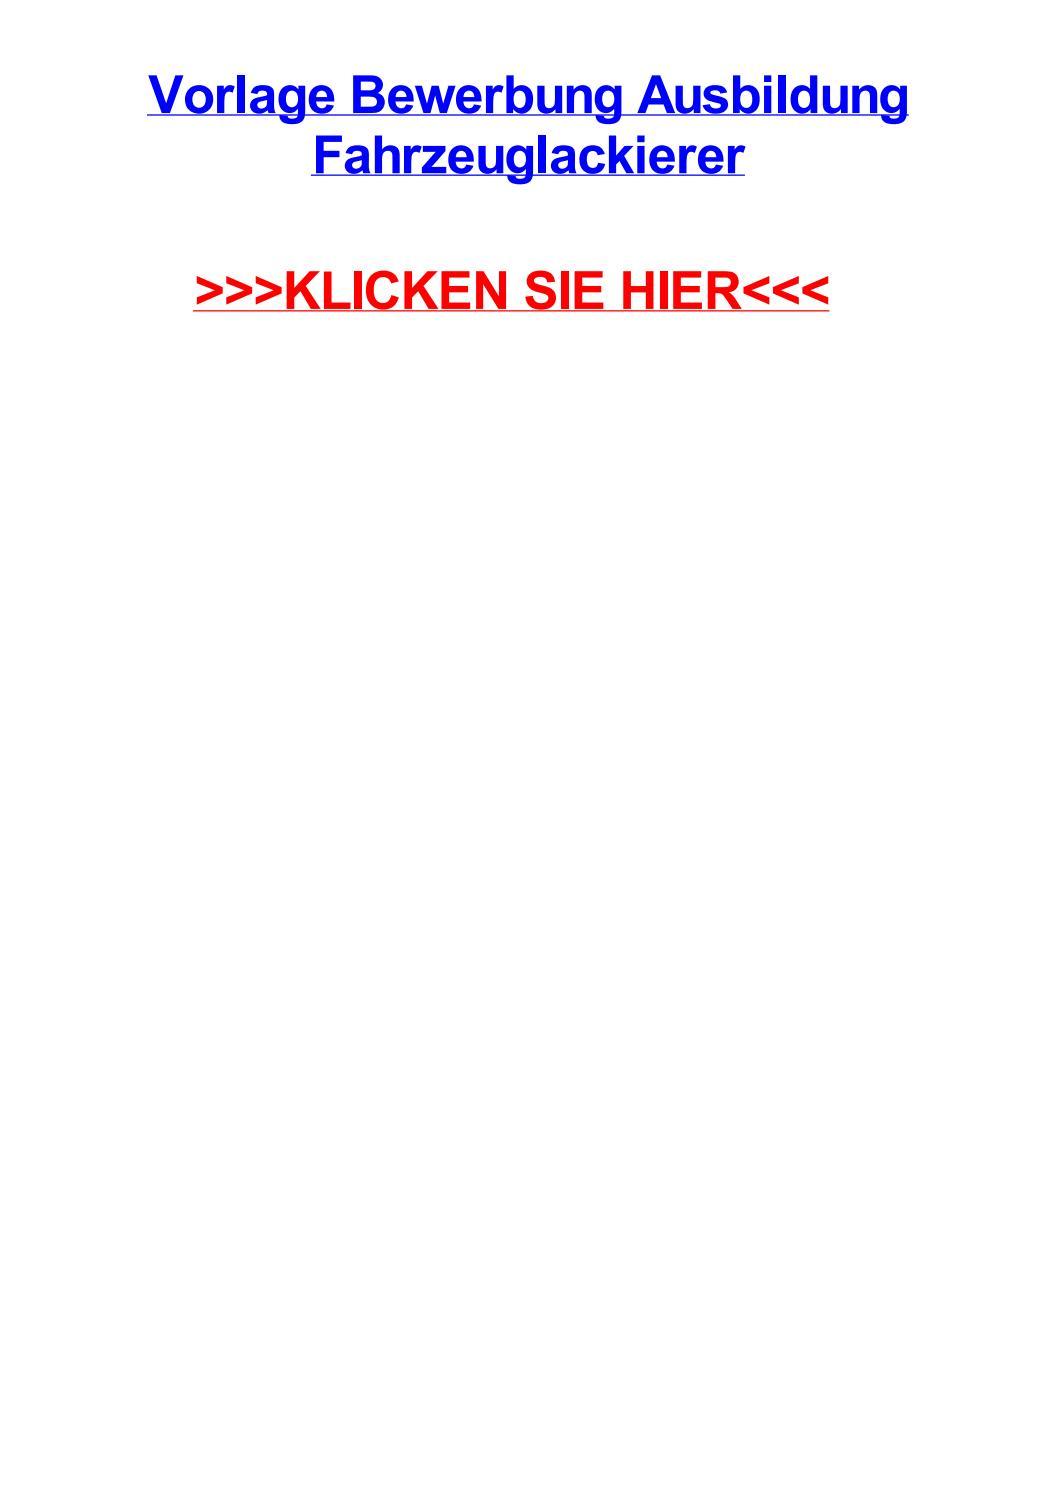 Vorlage bewerbung ausbildung fahrzeuglackierer by christophervvybb - issuu